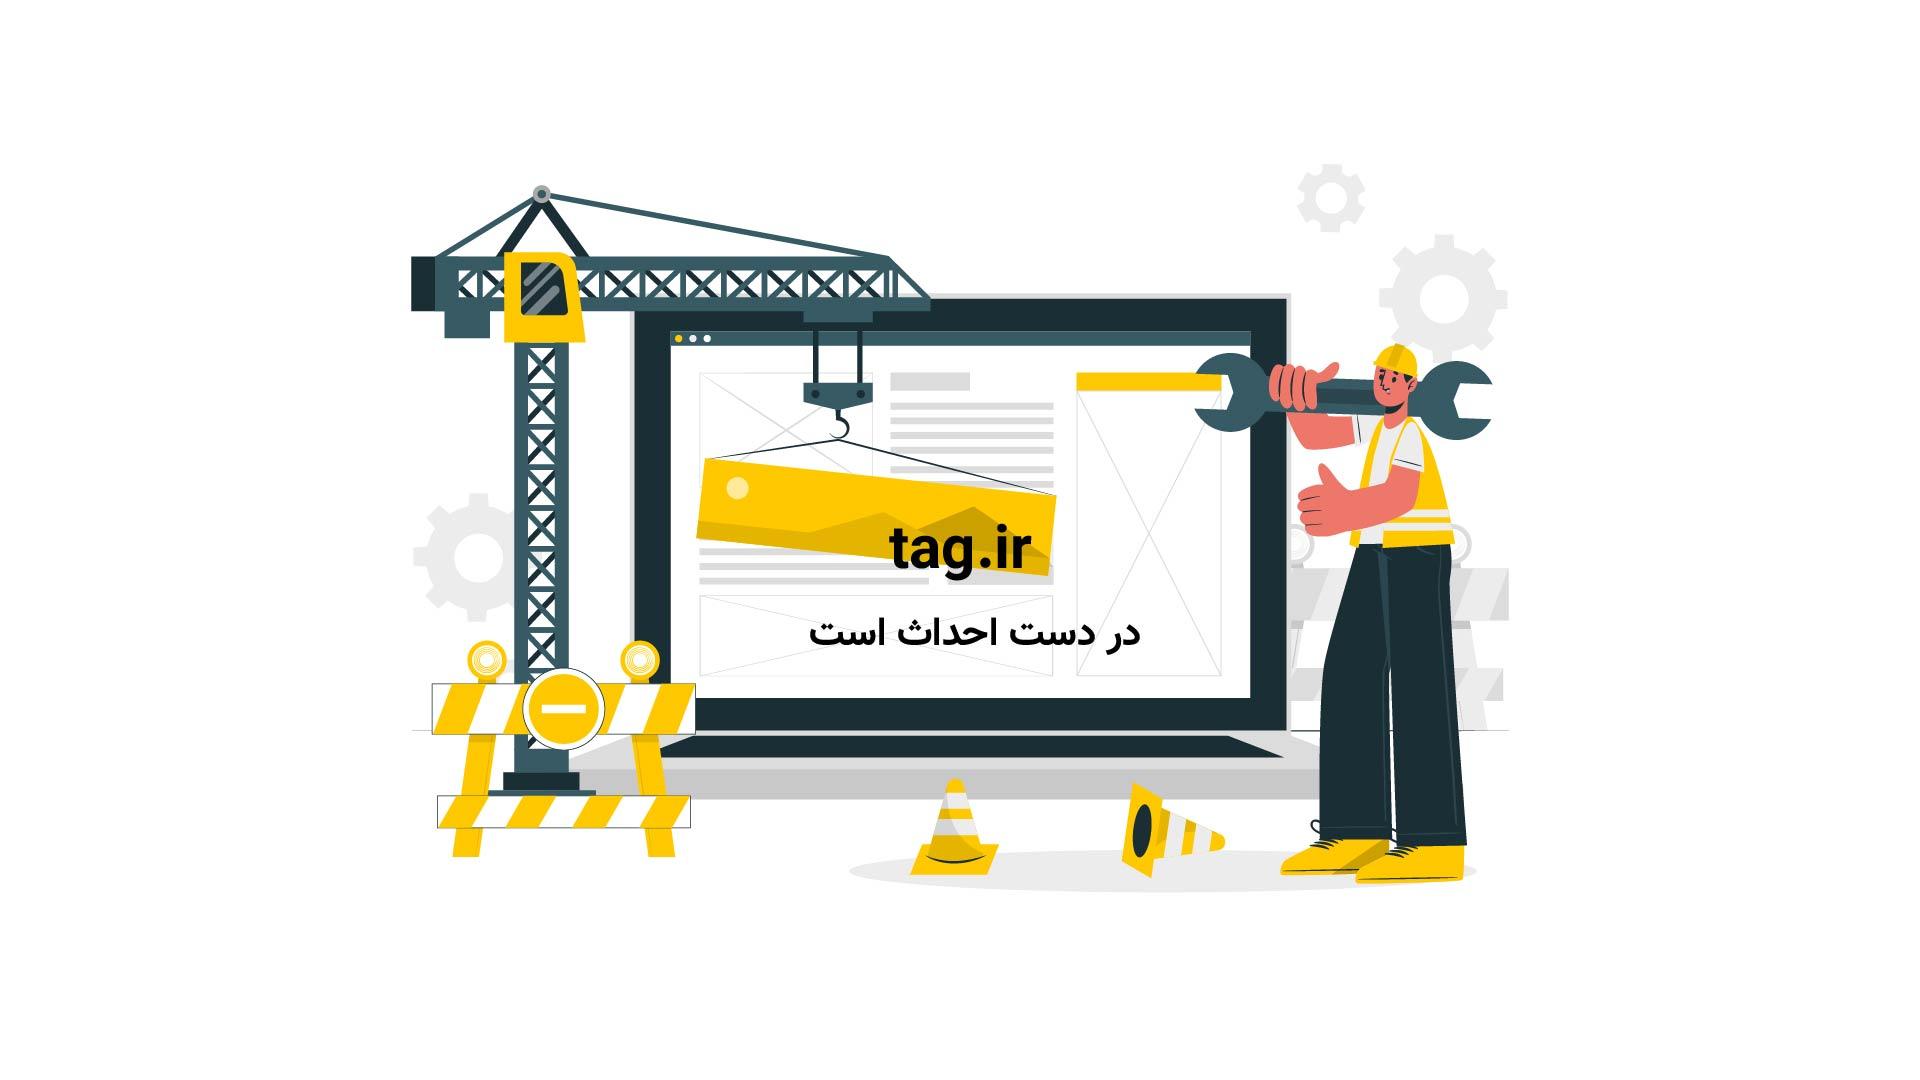 گرگهای گرسنه به دنبال خرگوش صحرایی بزرگ | فیلم